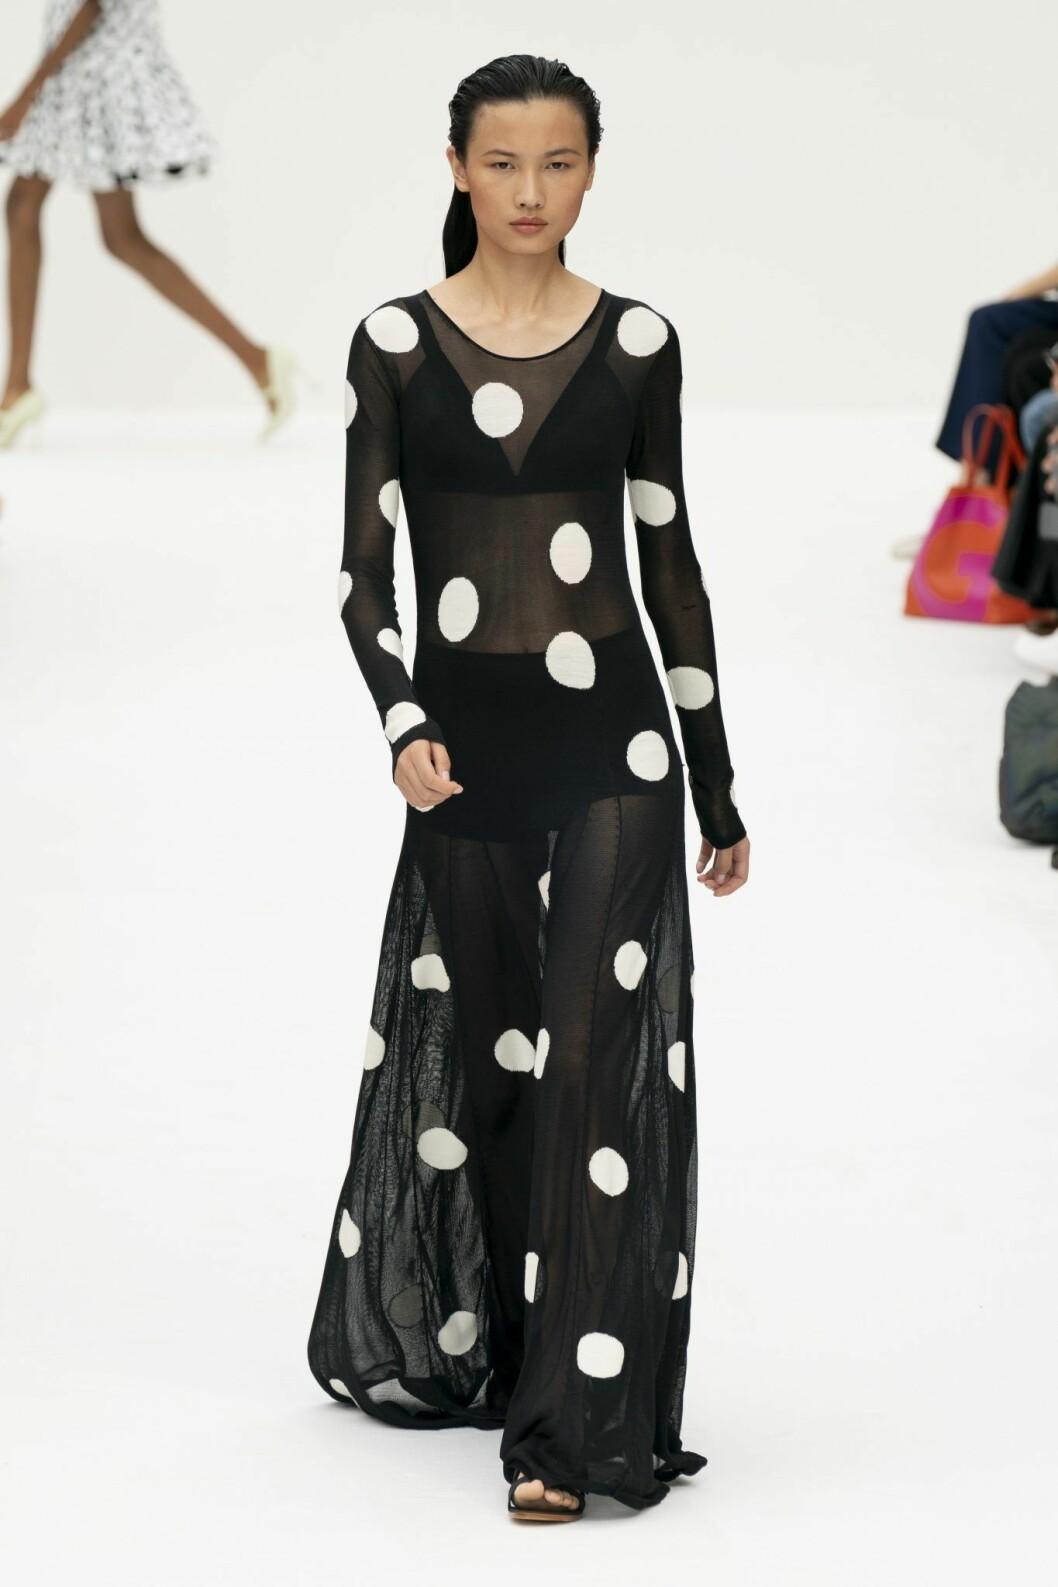 Klänning från Carolina Herrera med stora prickar